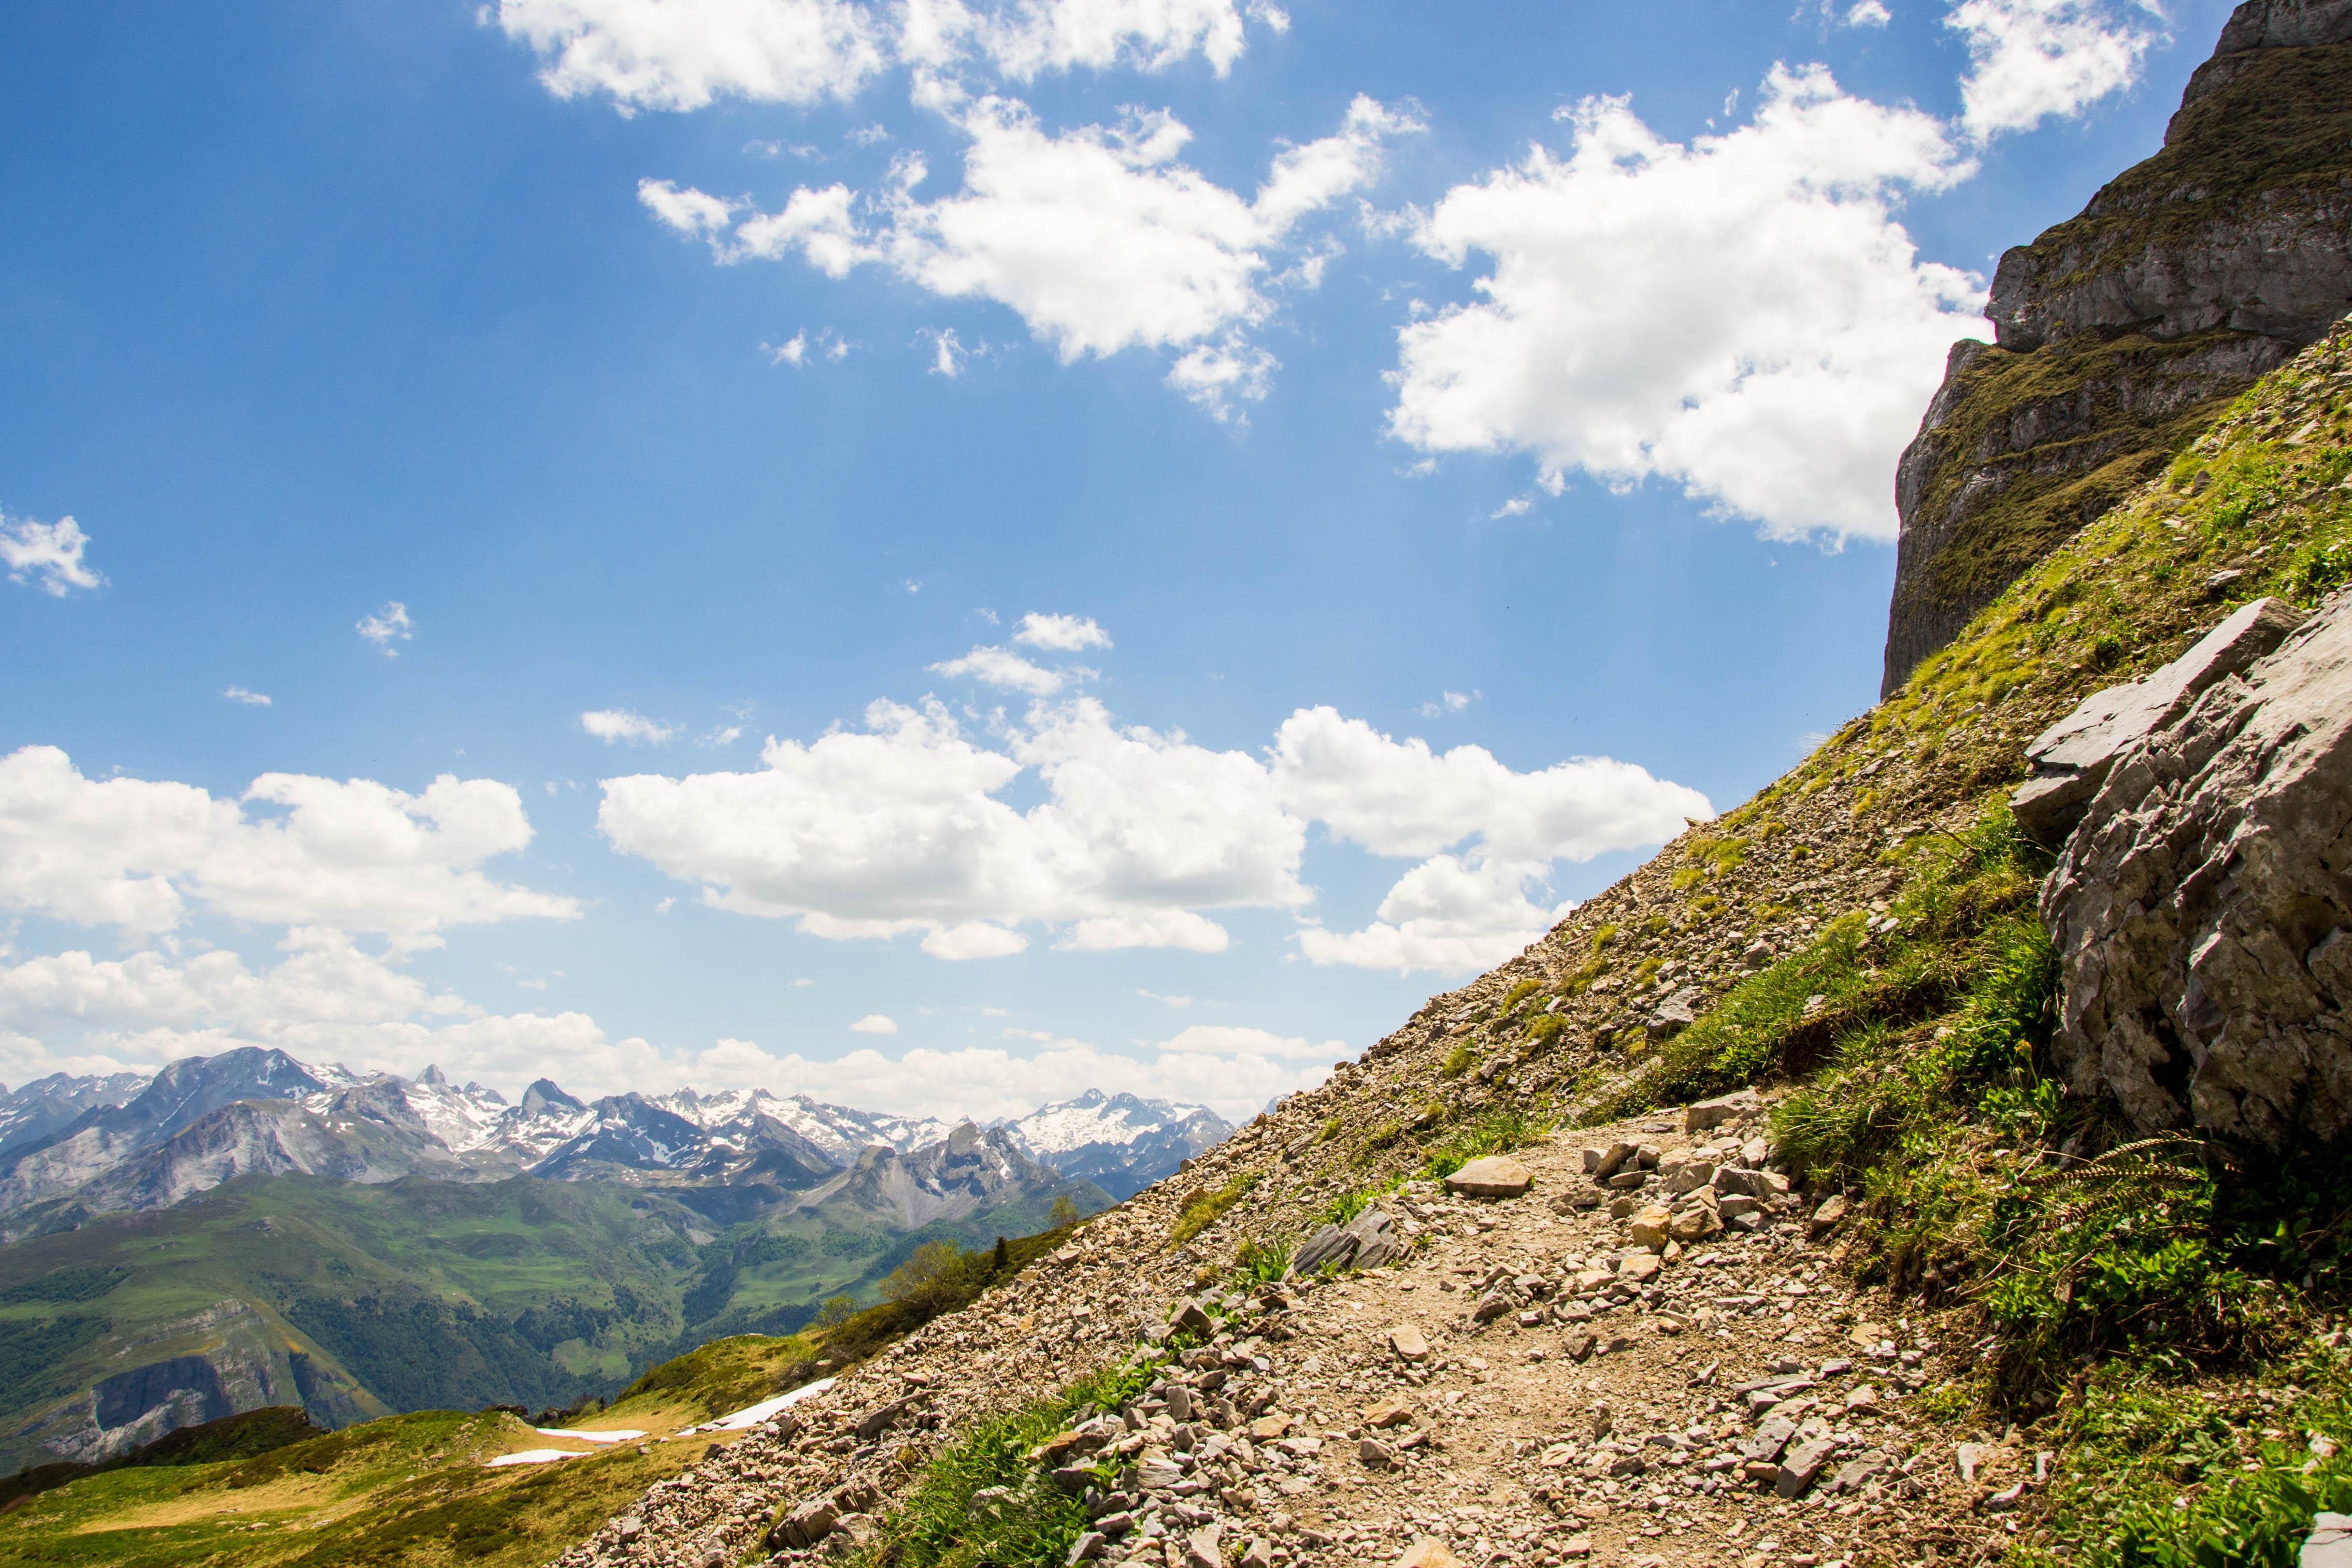 sentier de randonnée pyrénées